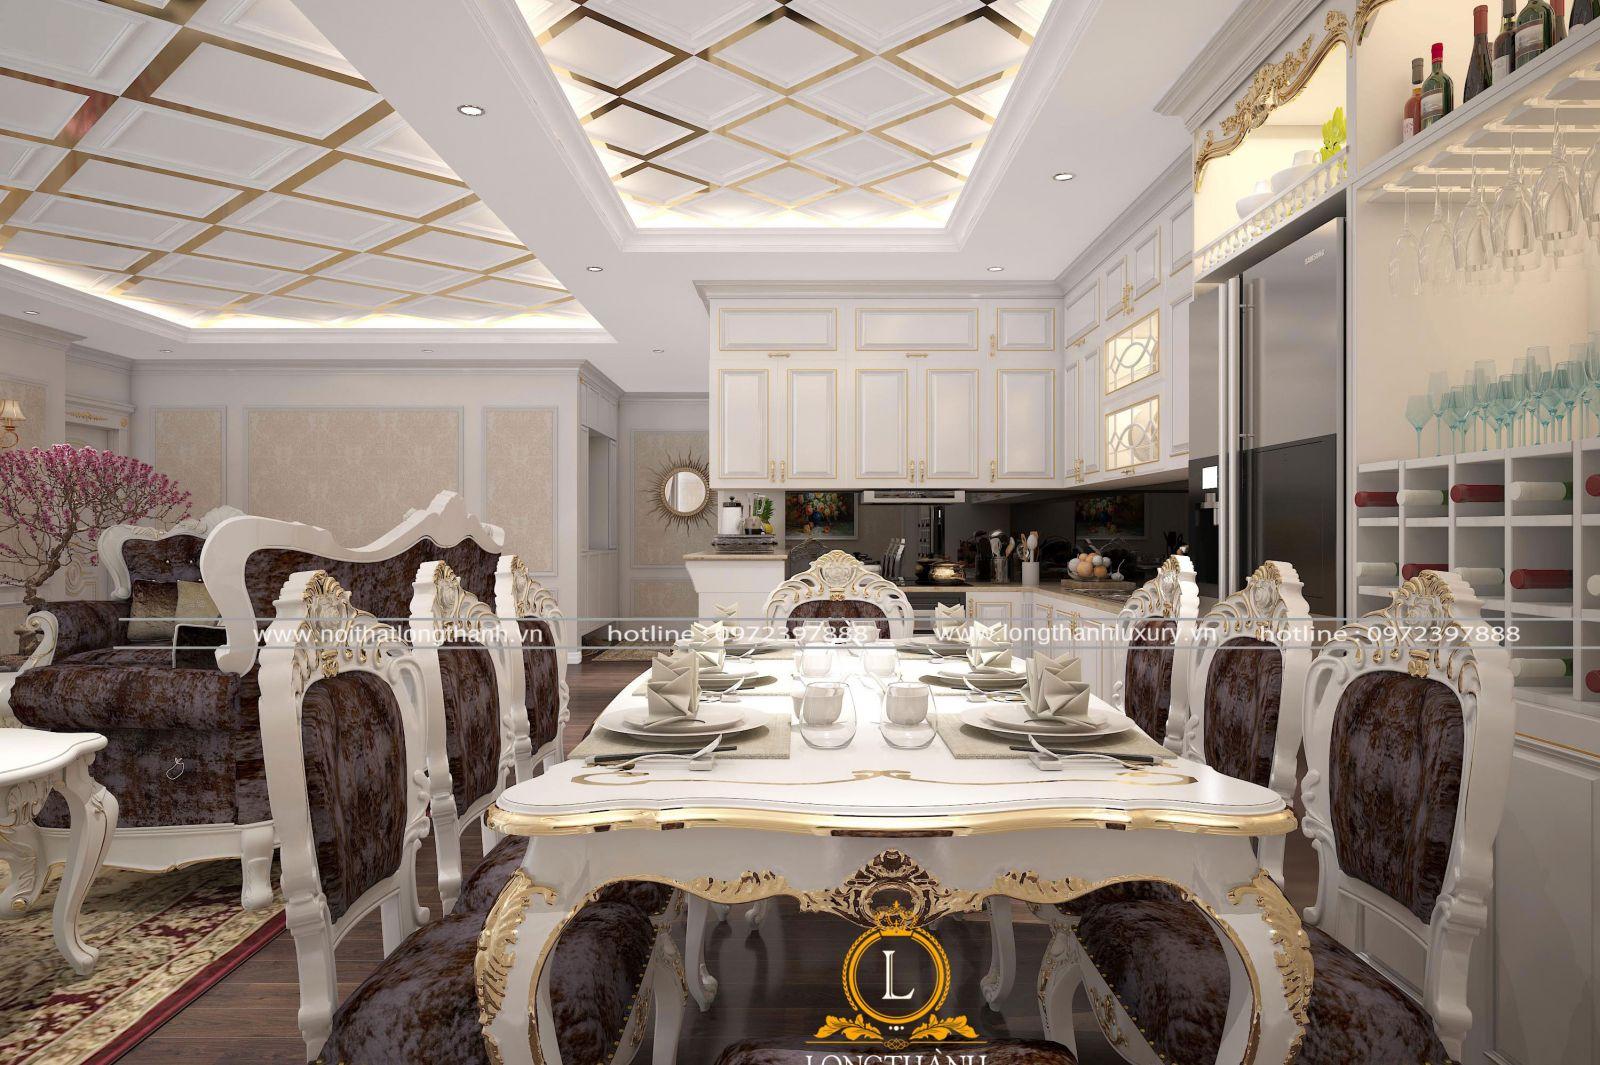 Bộ bàn ghế ăn tân cổ điển sơn trắng dát vàng cho chung cư cao cấp